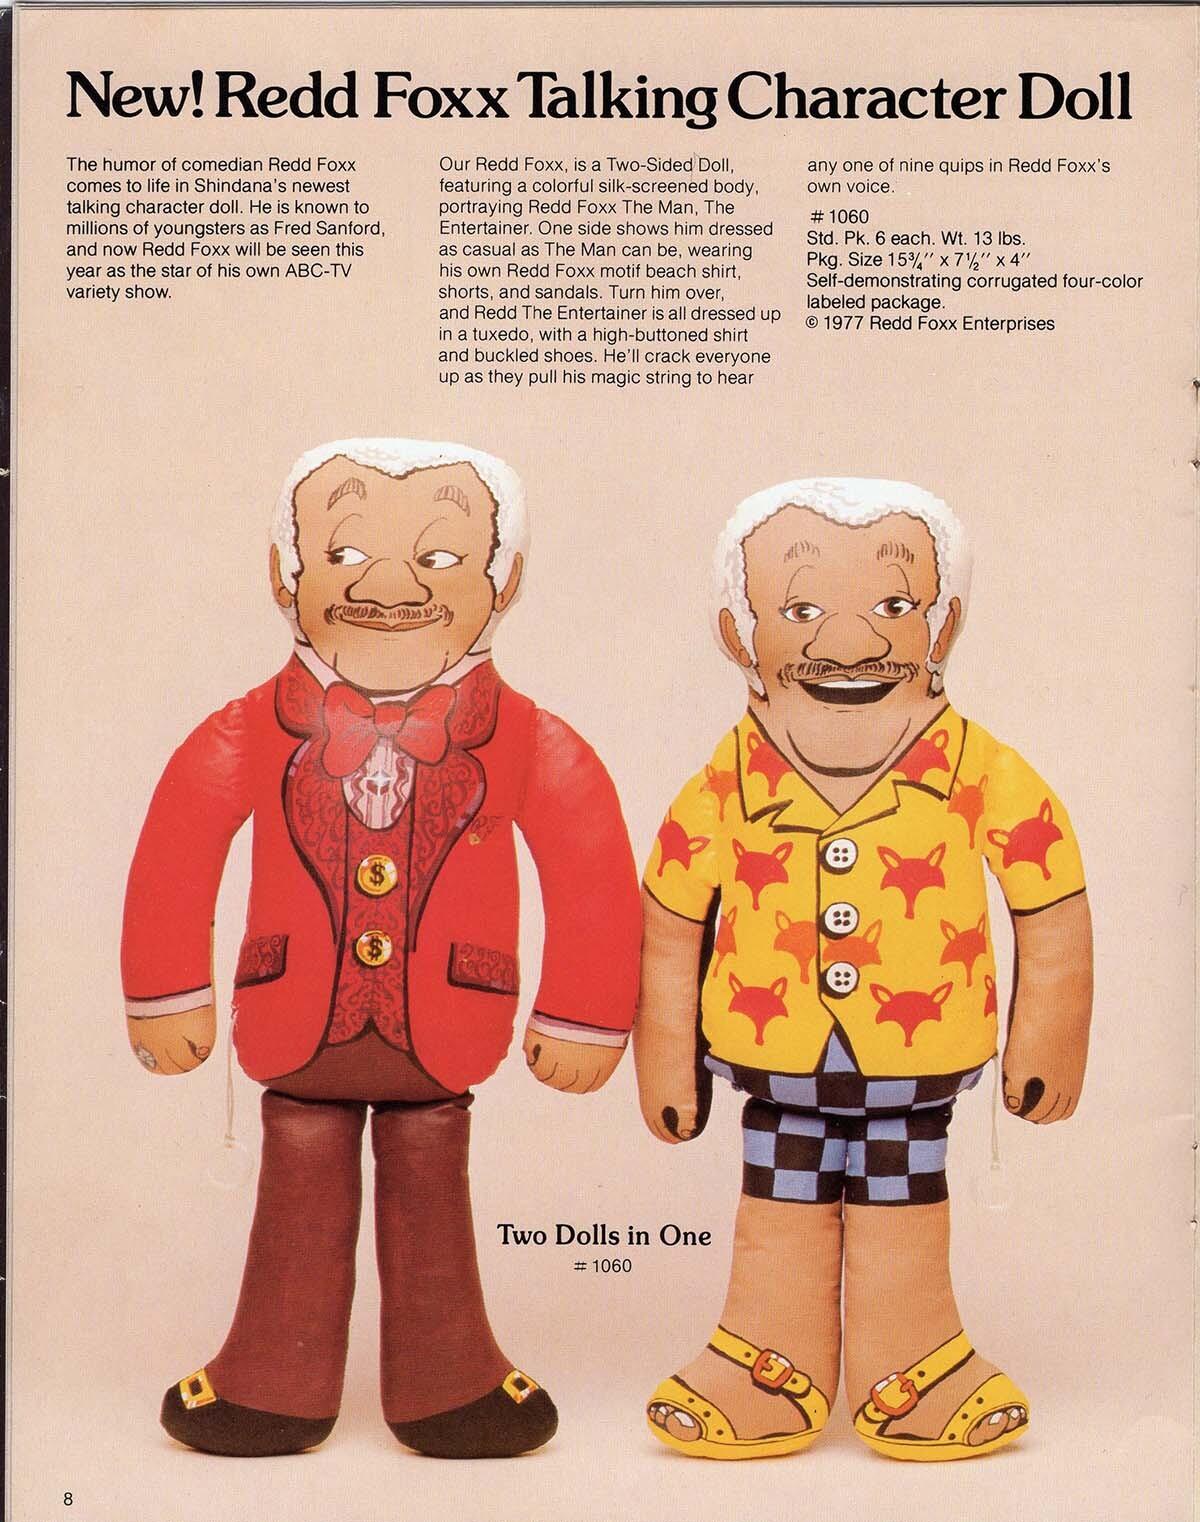 The Redd Foxx Talking Character Doll